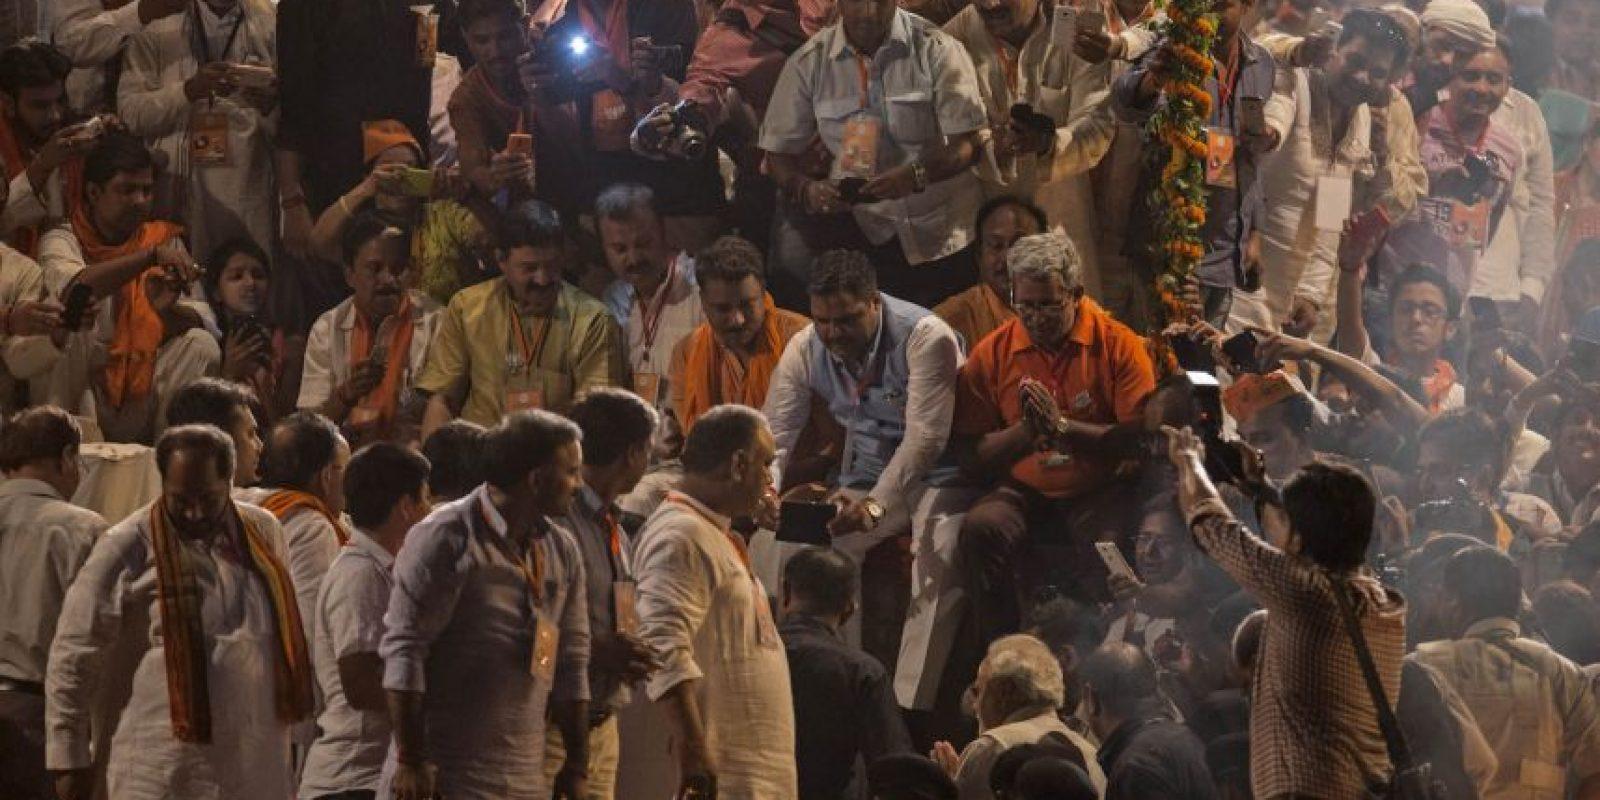 El primer ministro desea impulsar las tradiciones de su país. Foto:Getty Images